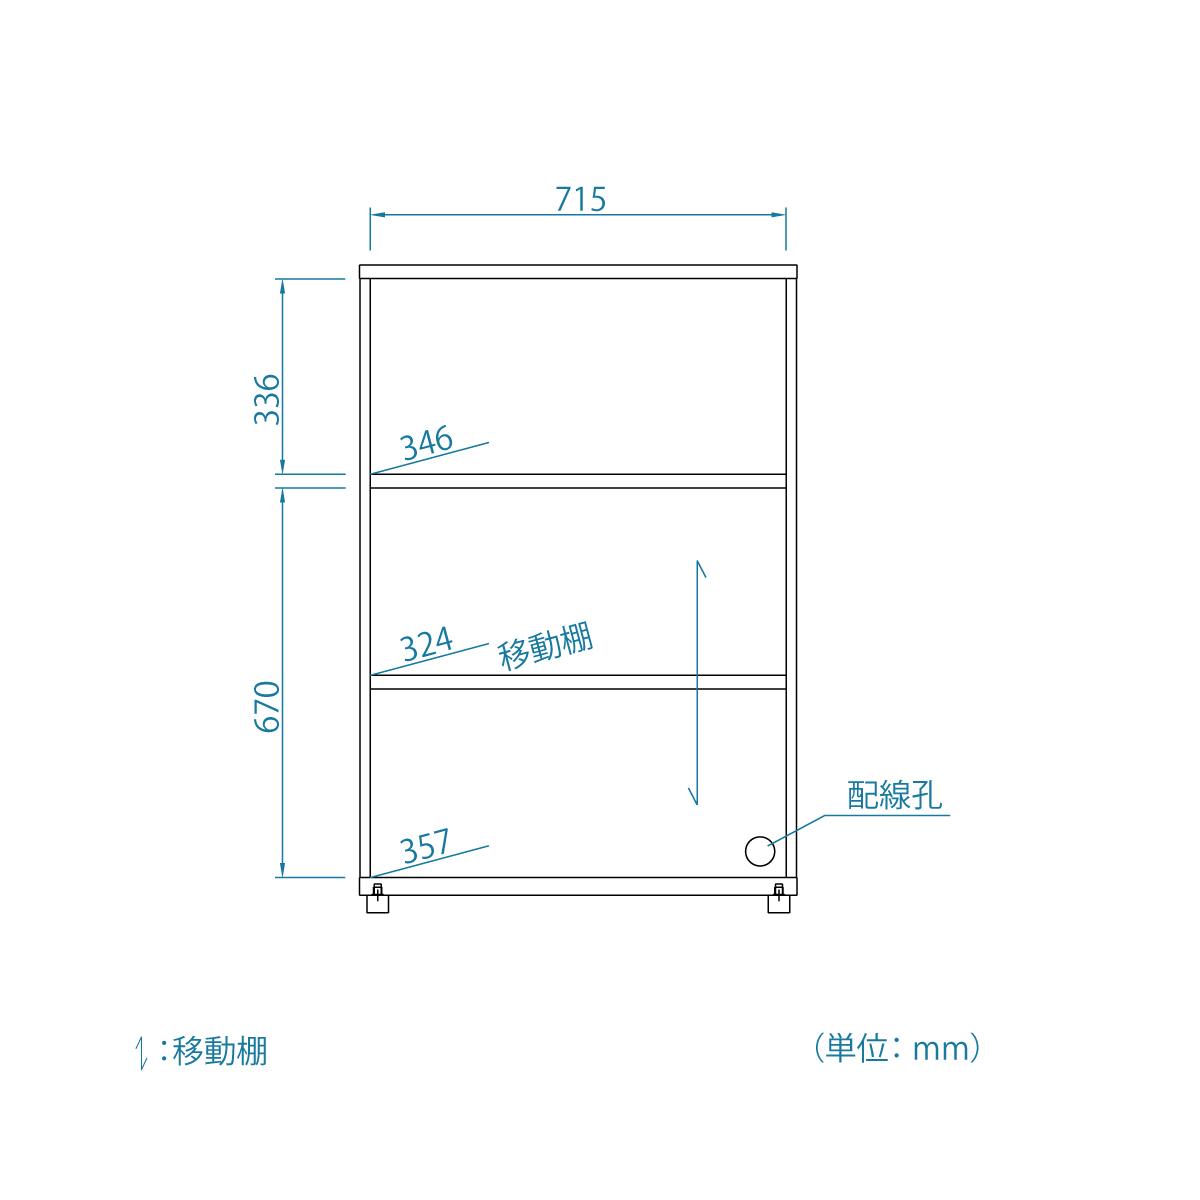 OF2-1175R 型図